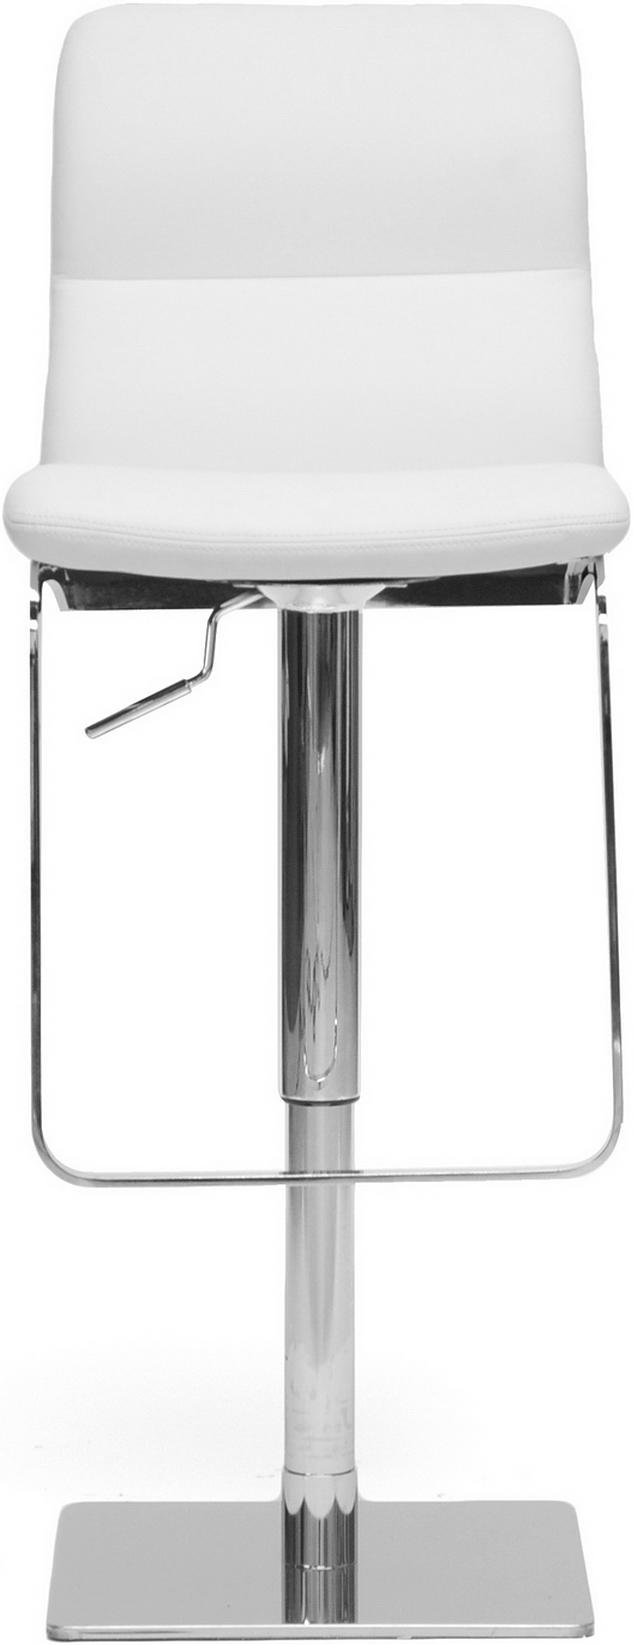 the helsinki modern bar stool in white